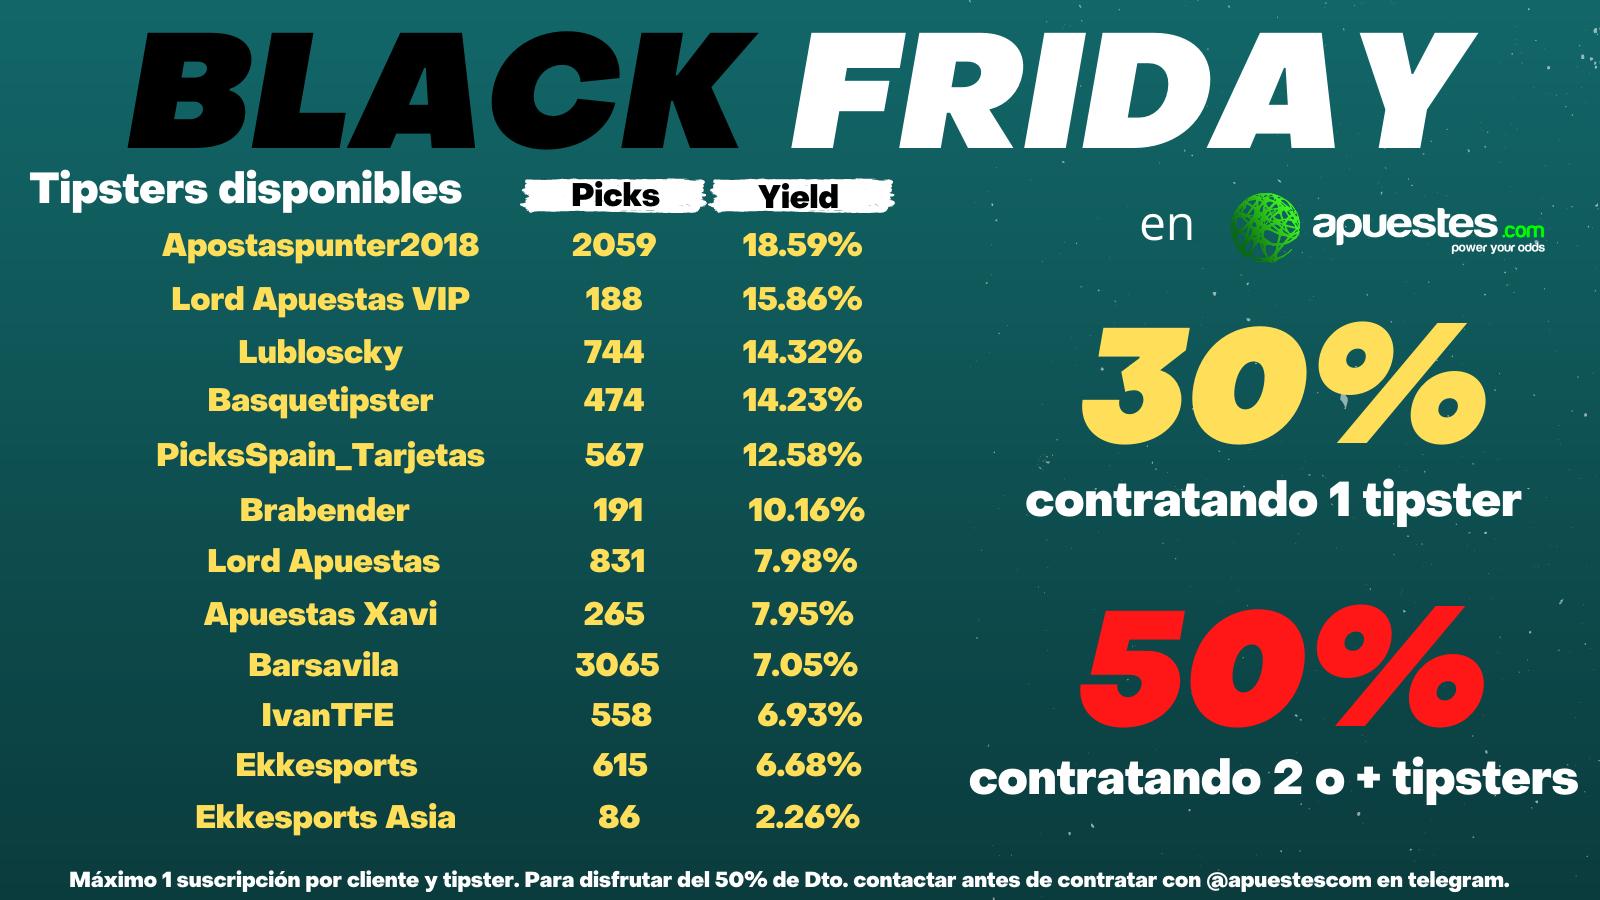 Image_ ¡ Black Friday - Ciber Monday ! ÚLTIMO DÍA DE OFERTAS